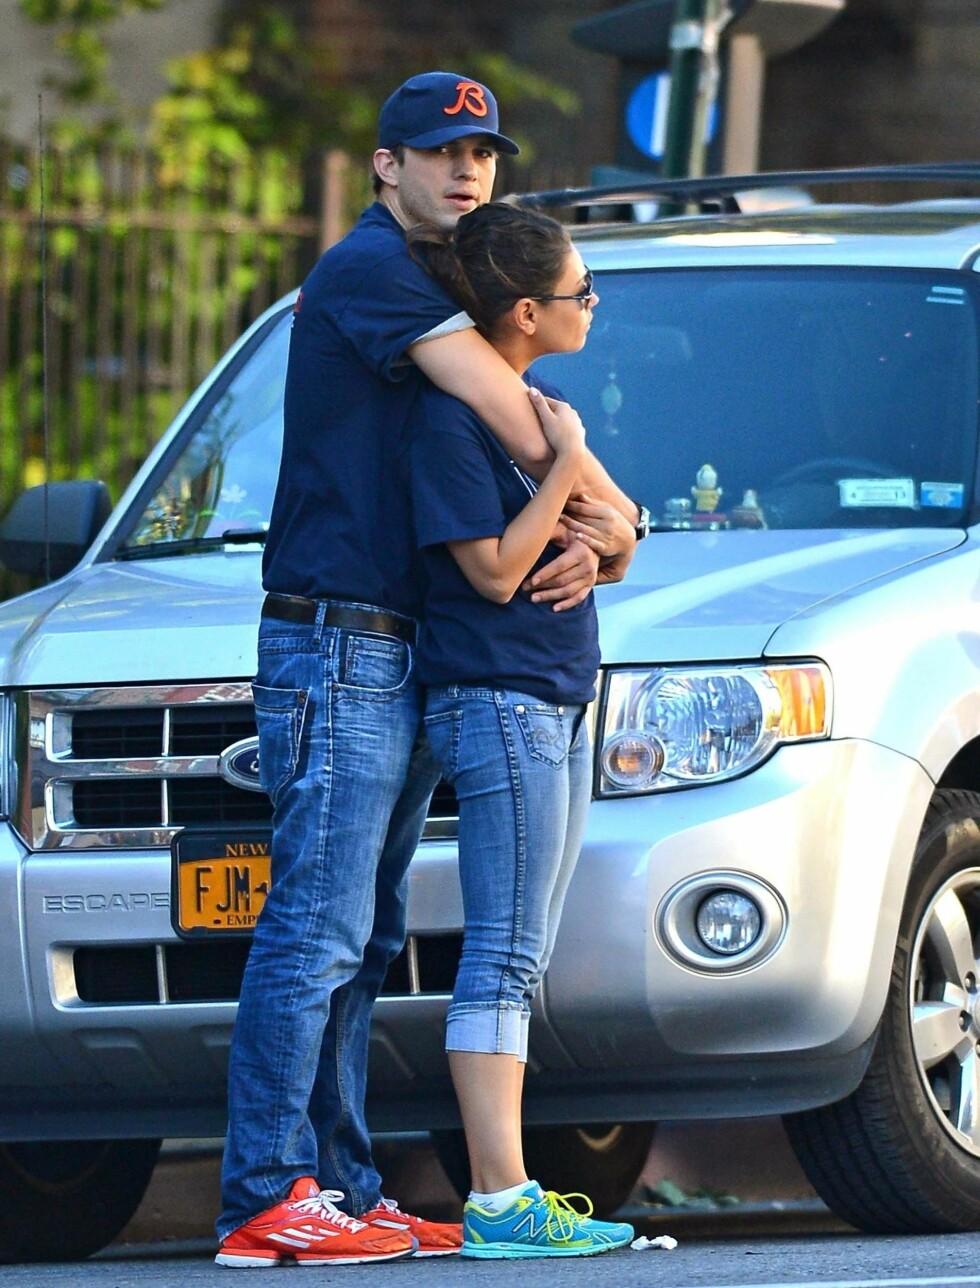 VENTER PÅ SKILSMISSE II: Filmstjernen Ashton Kutcher trøster seg med sin nye kjæreste Mila Kunis gjennom den bitre skilsmisse-striden med eks-kona Demi Moore. Mange spår at også Ashton vil fri så fort han igjen blir singel. Foto: Fame Flynet